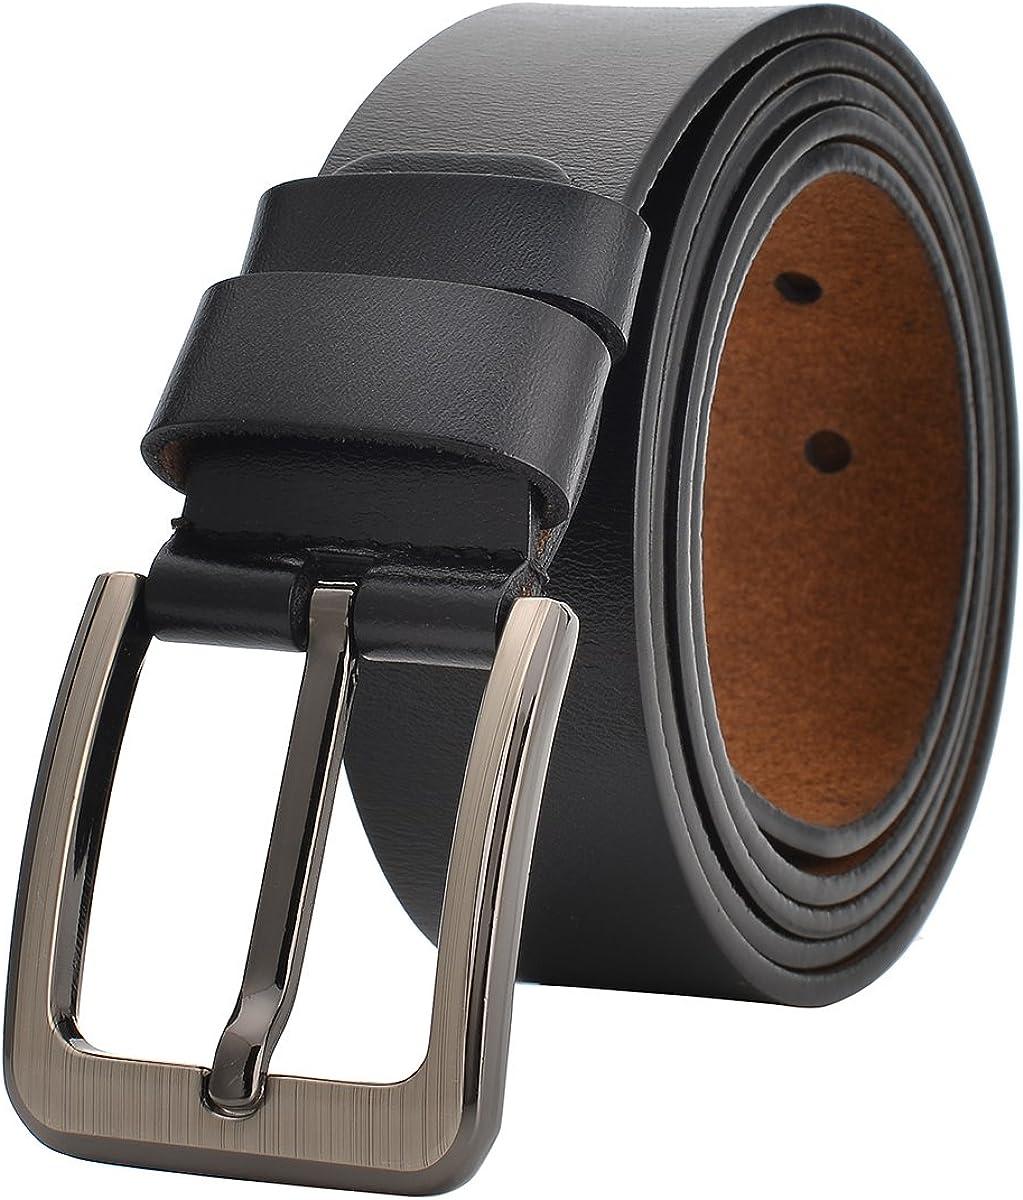 VRLEGEND Mens Belts for Jeans Casual Work Dress 34